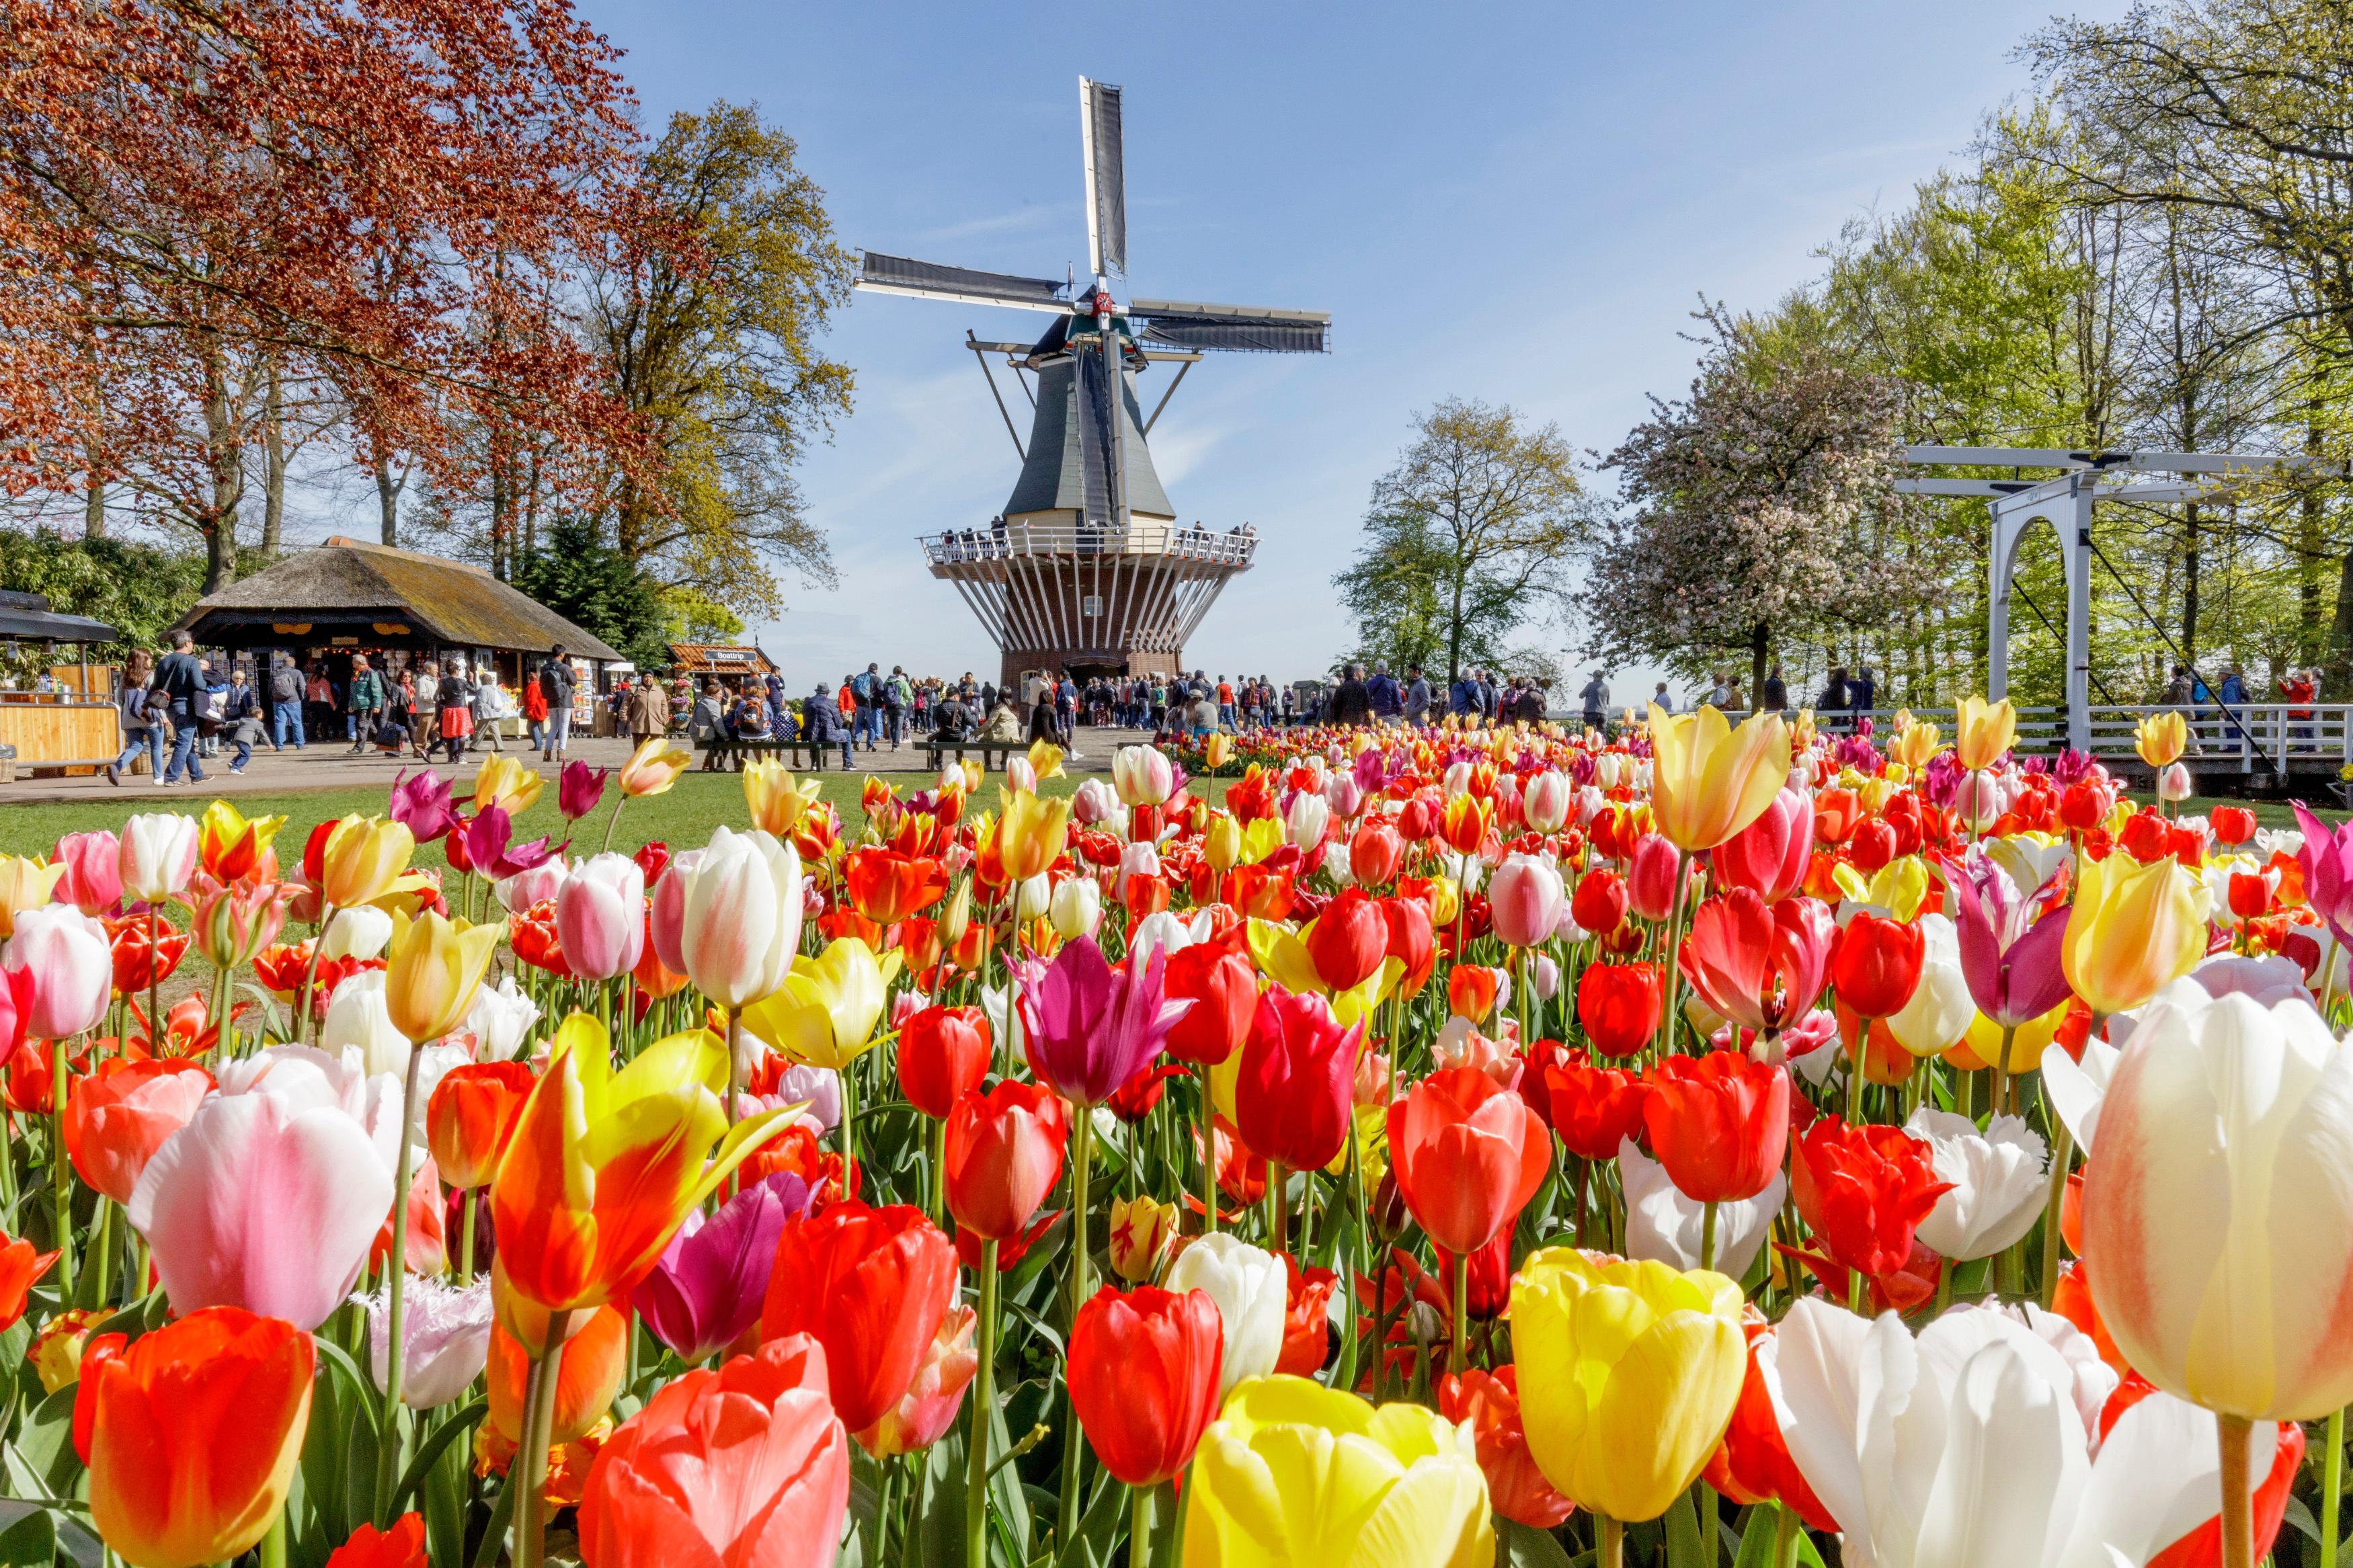 разбираешься нидерланды апрель фото уникальный